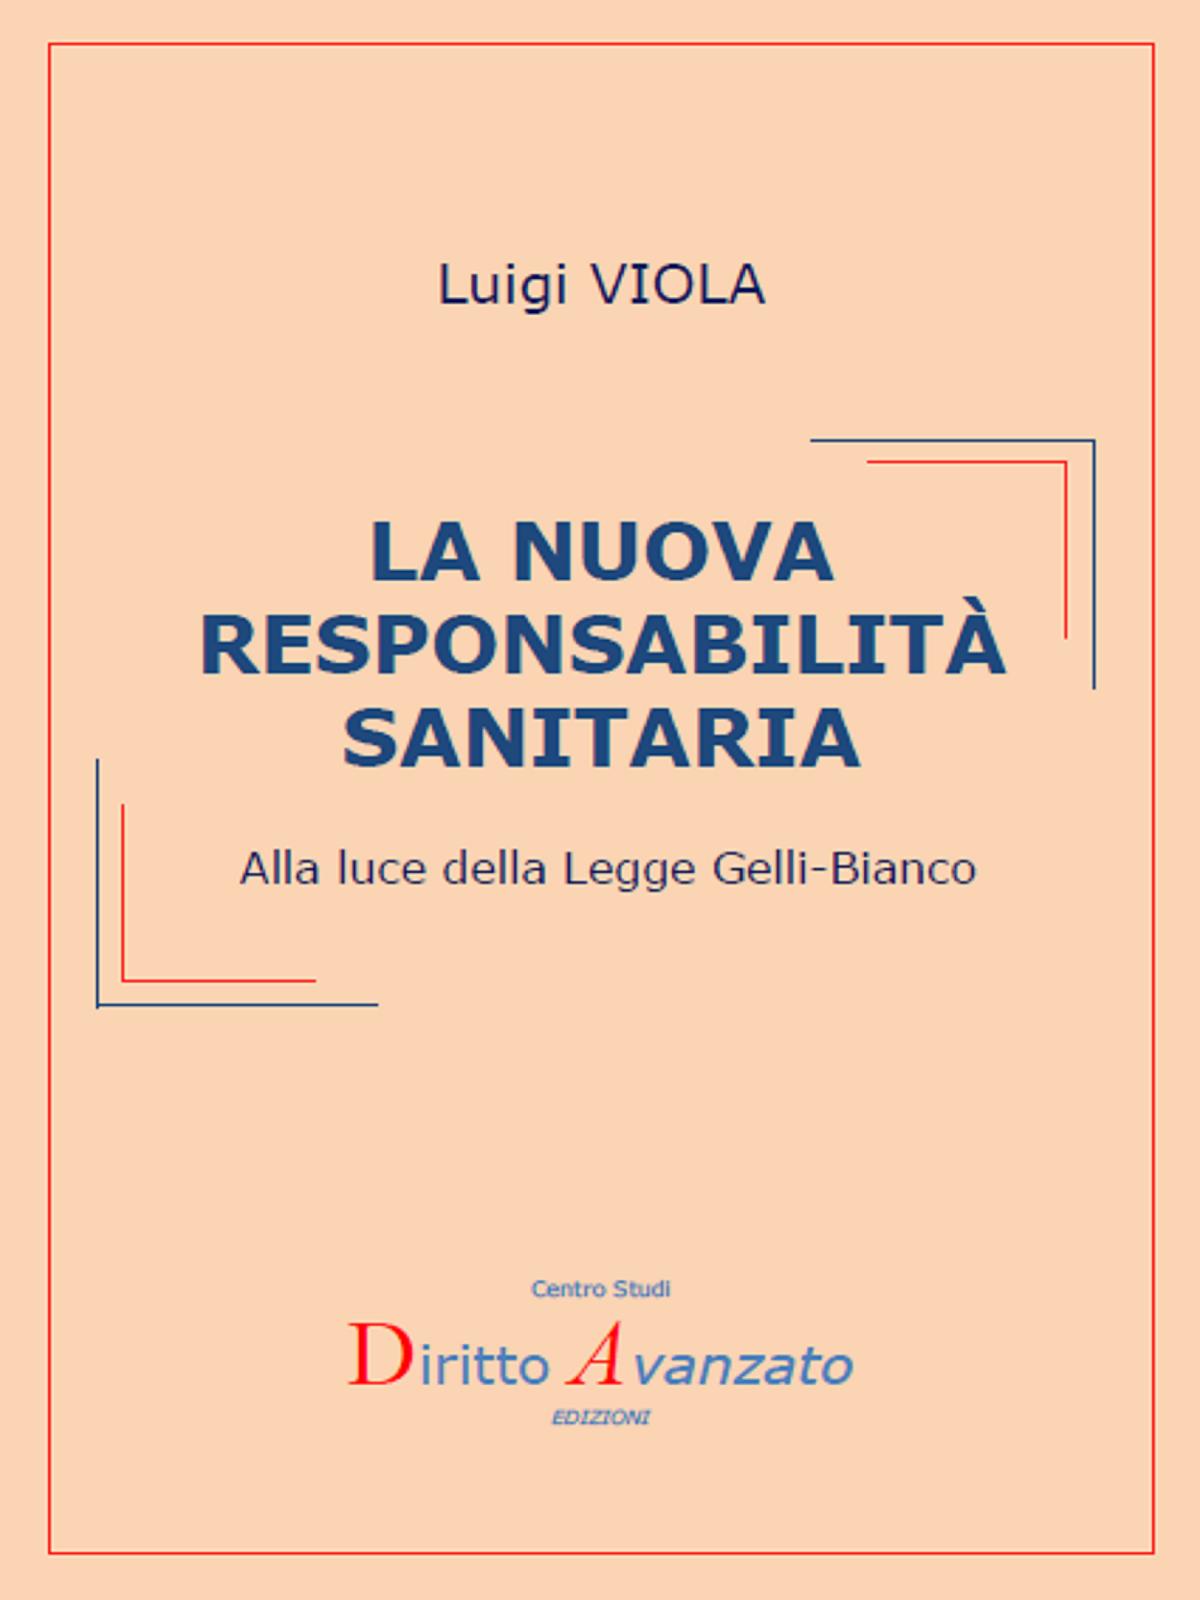 L. VIOLA, LA NUOVA RESPONSABILITA' SANITARIA, DIRITTO AVANZATO, 2017